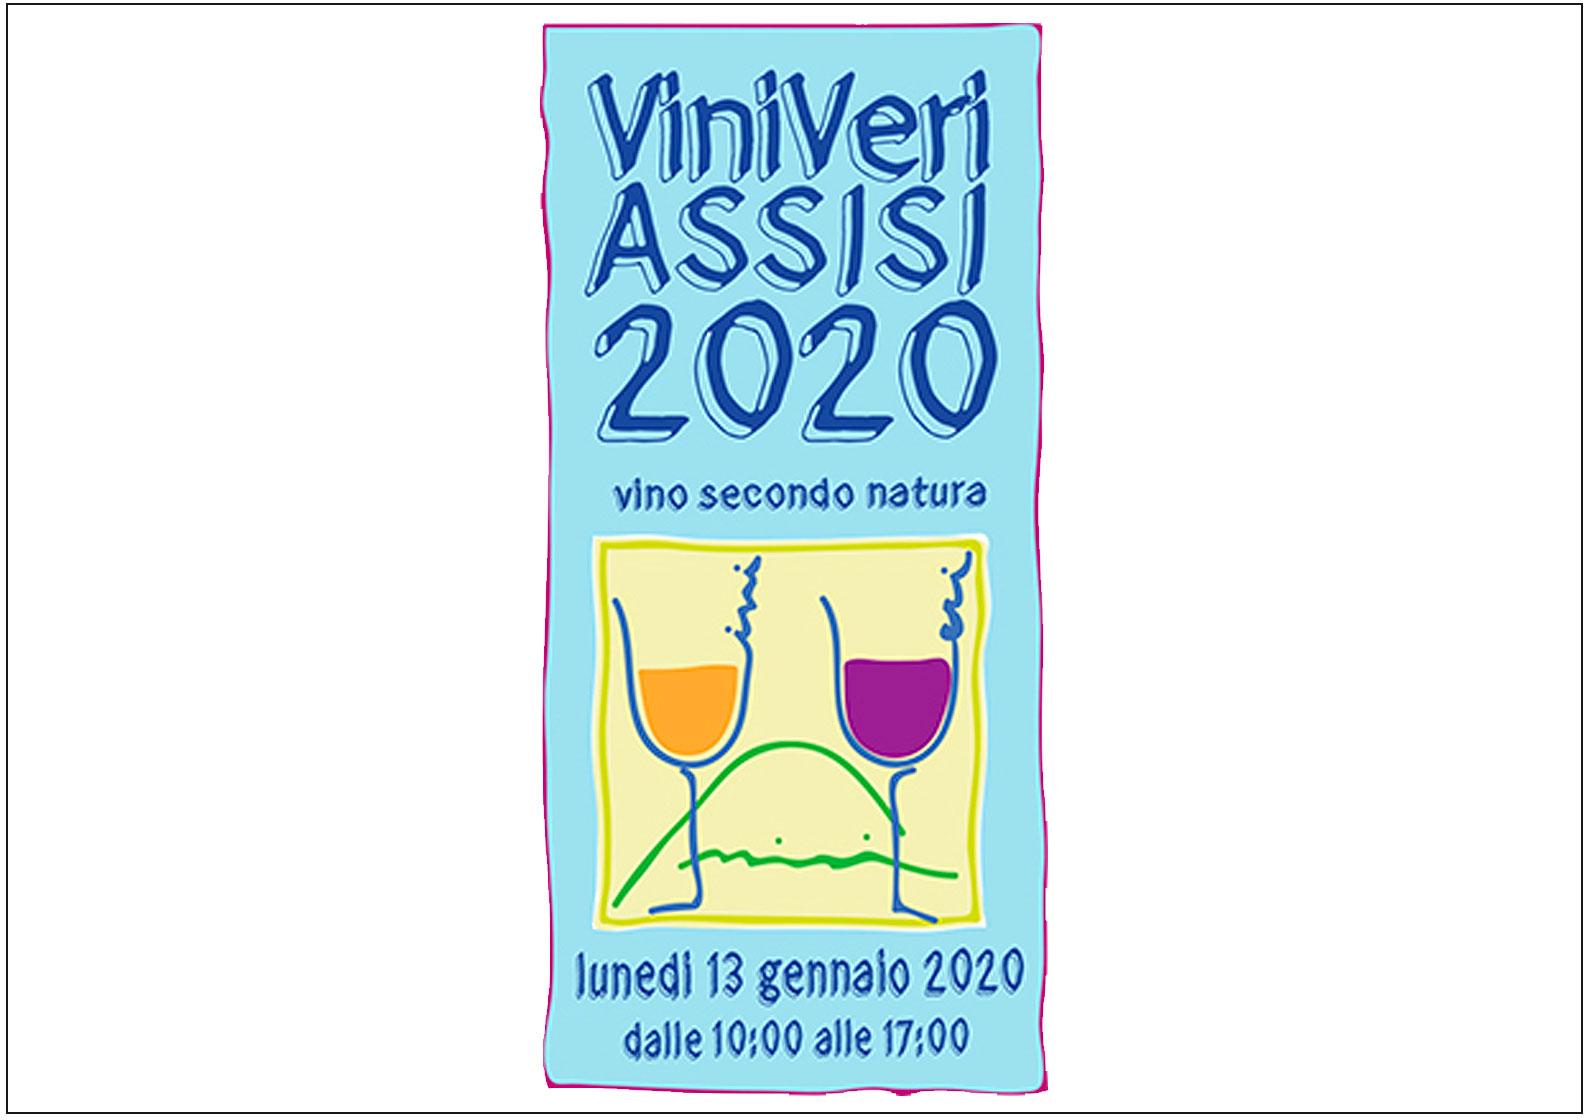 ViniVeri Assisi 2020 – Il Comunicato Stampa Ufficiale